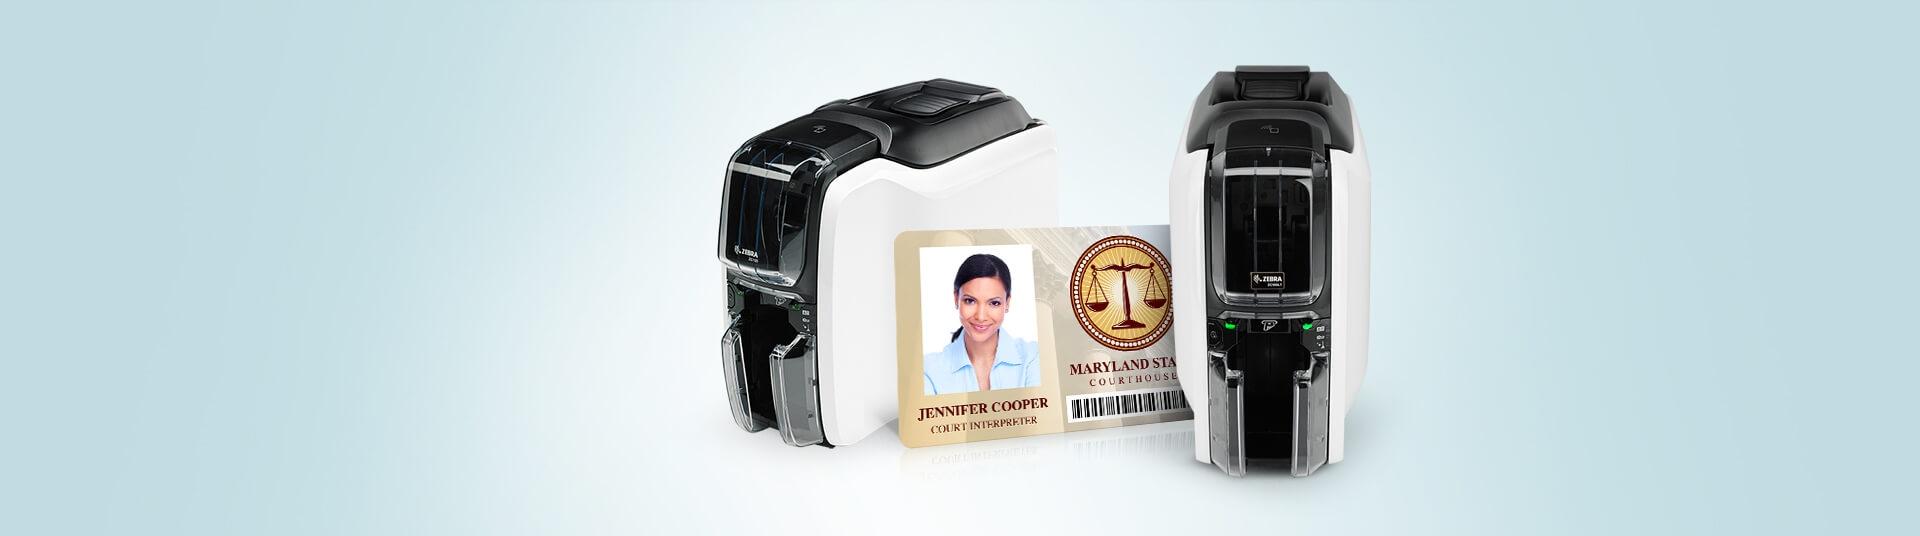 Zebra ZC100 LT ID Card Printers